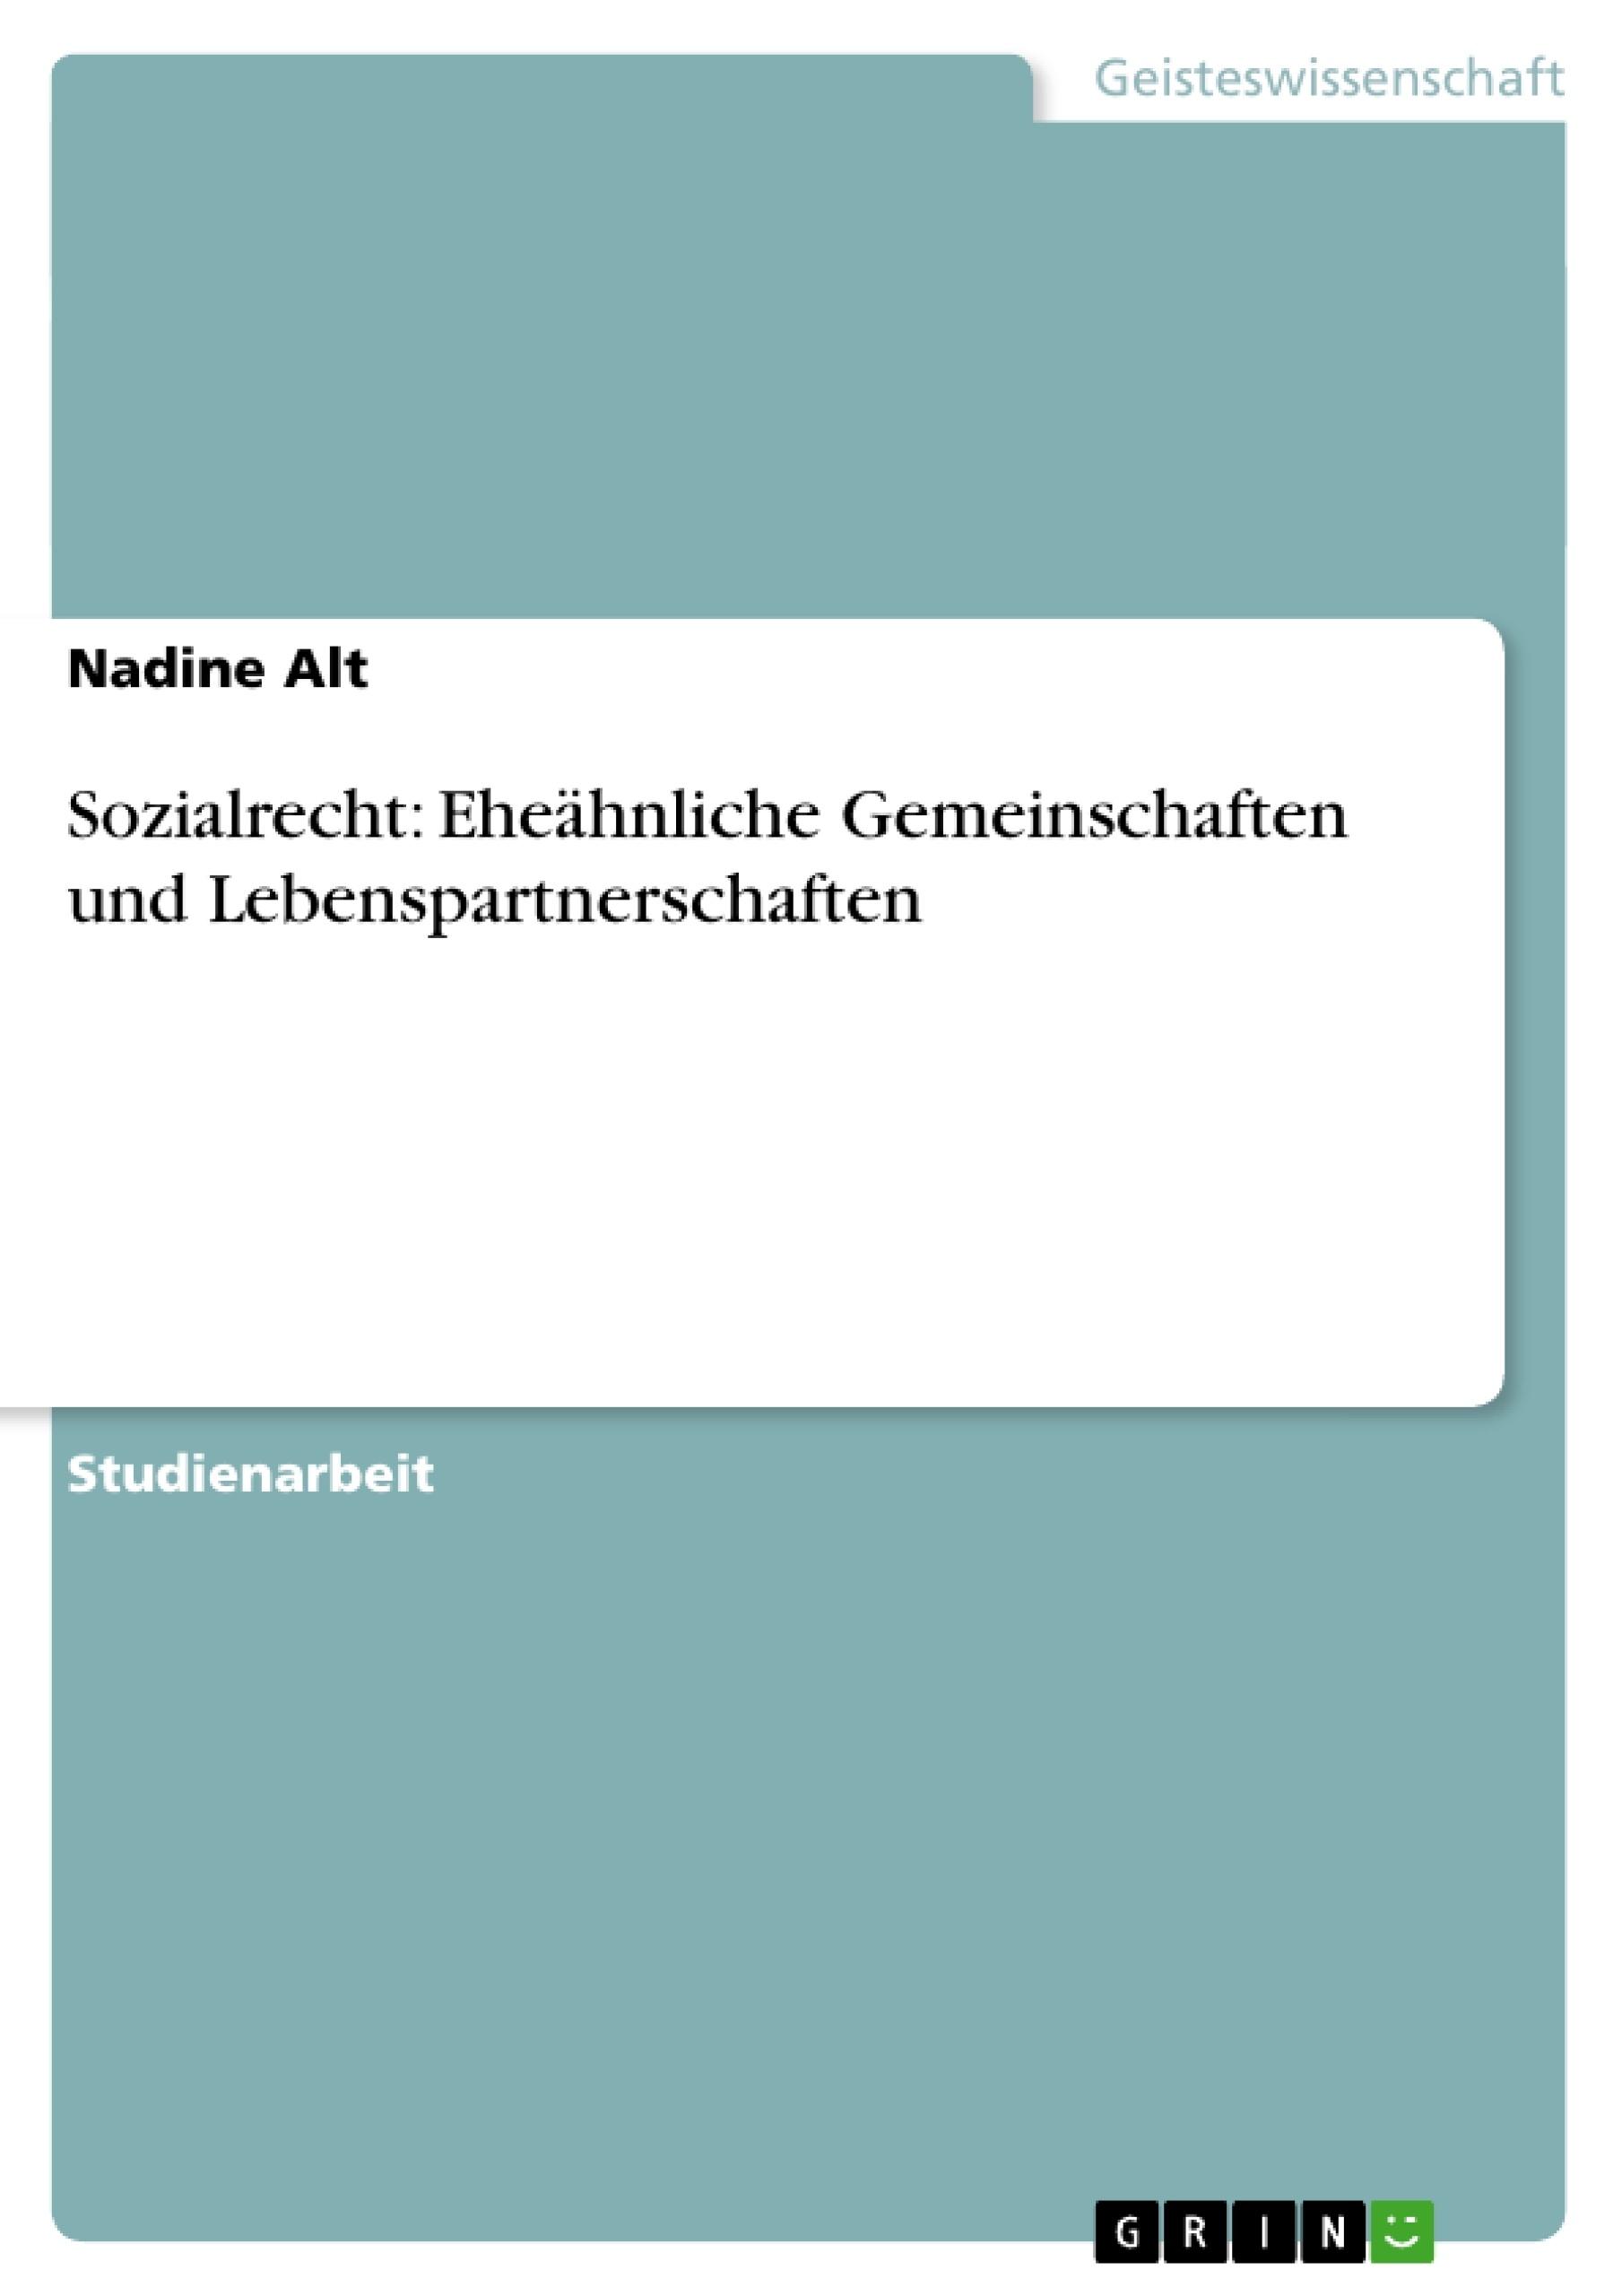 Titel: Sozialrecht: Eheähnliche Gemeinschaften und Lebenspartnerschaften